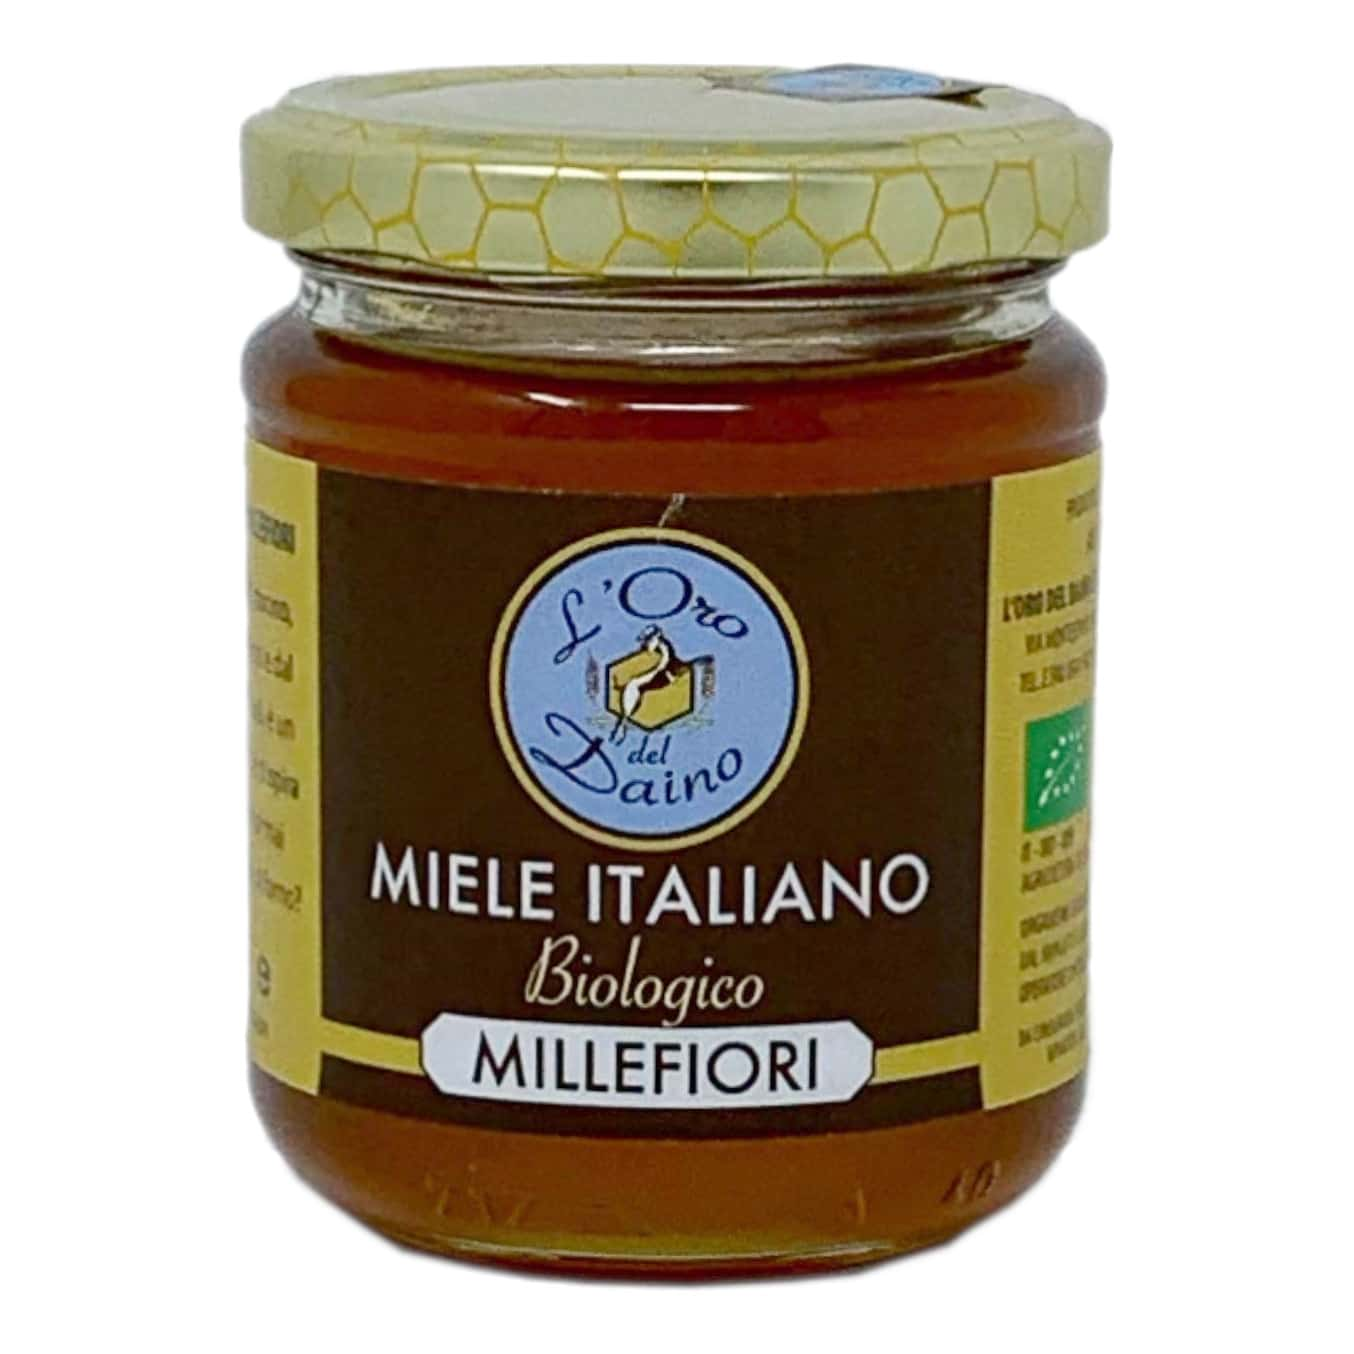 MIELE DI MILLEFIORI BIO 250GR L'Oro Del Daino